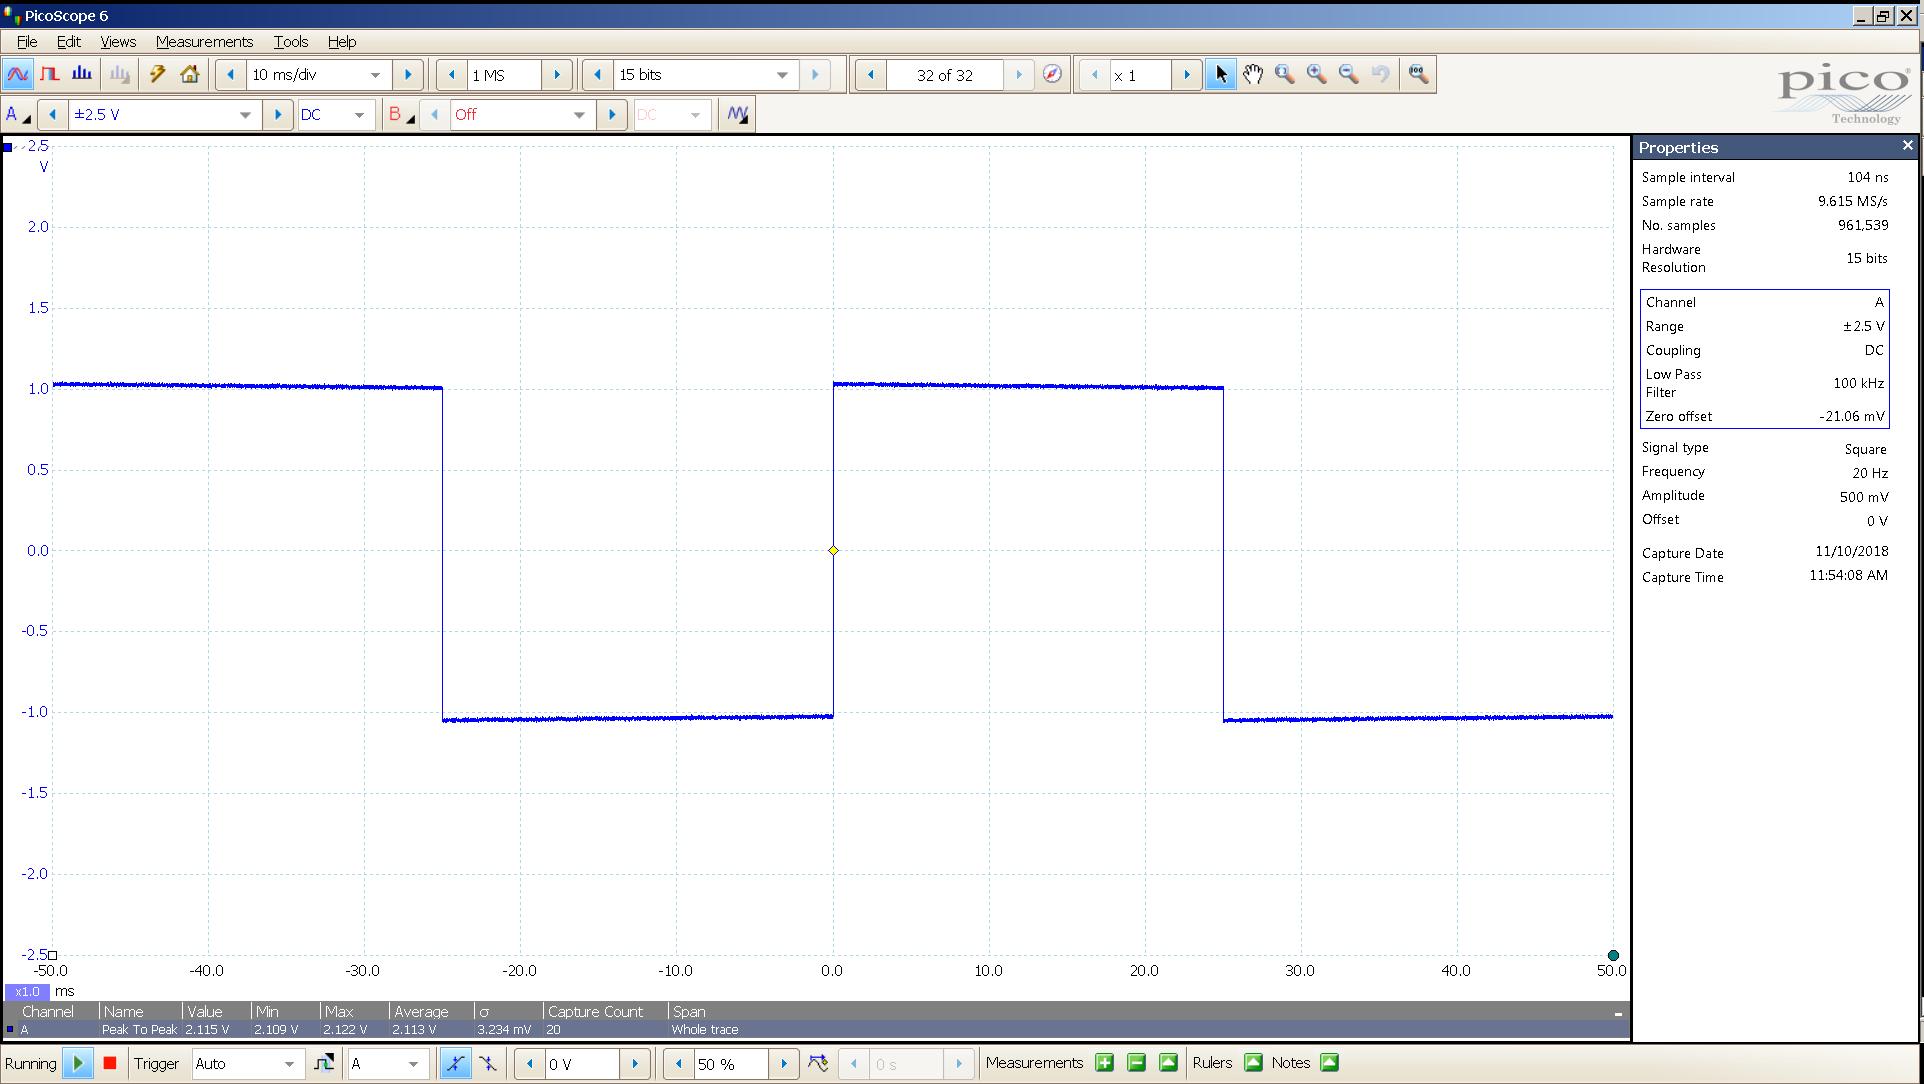 20181110 SigGen LiqPlat 20 Hz square 2000mVpp 10mS div 100KHz filter 300R.png